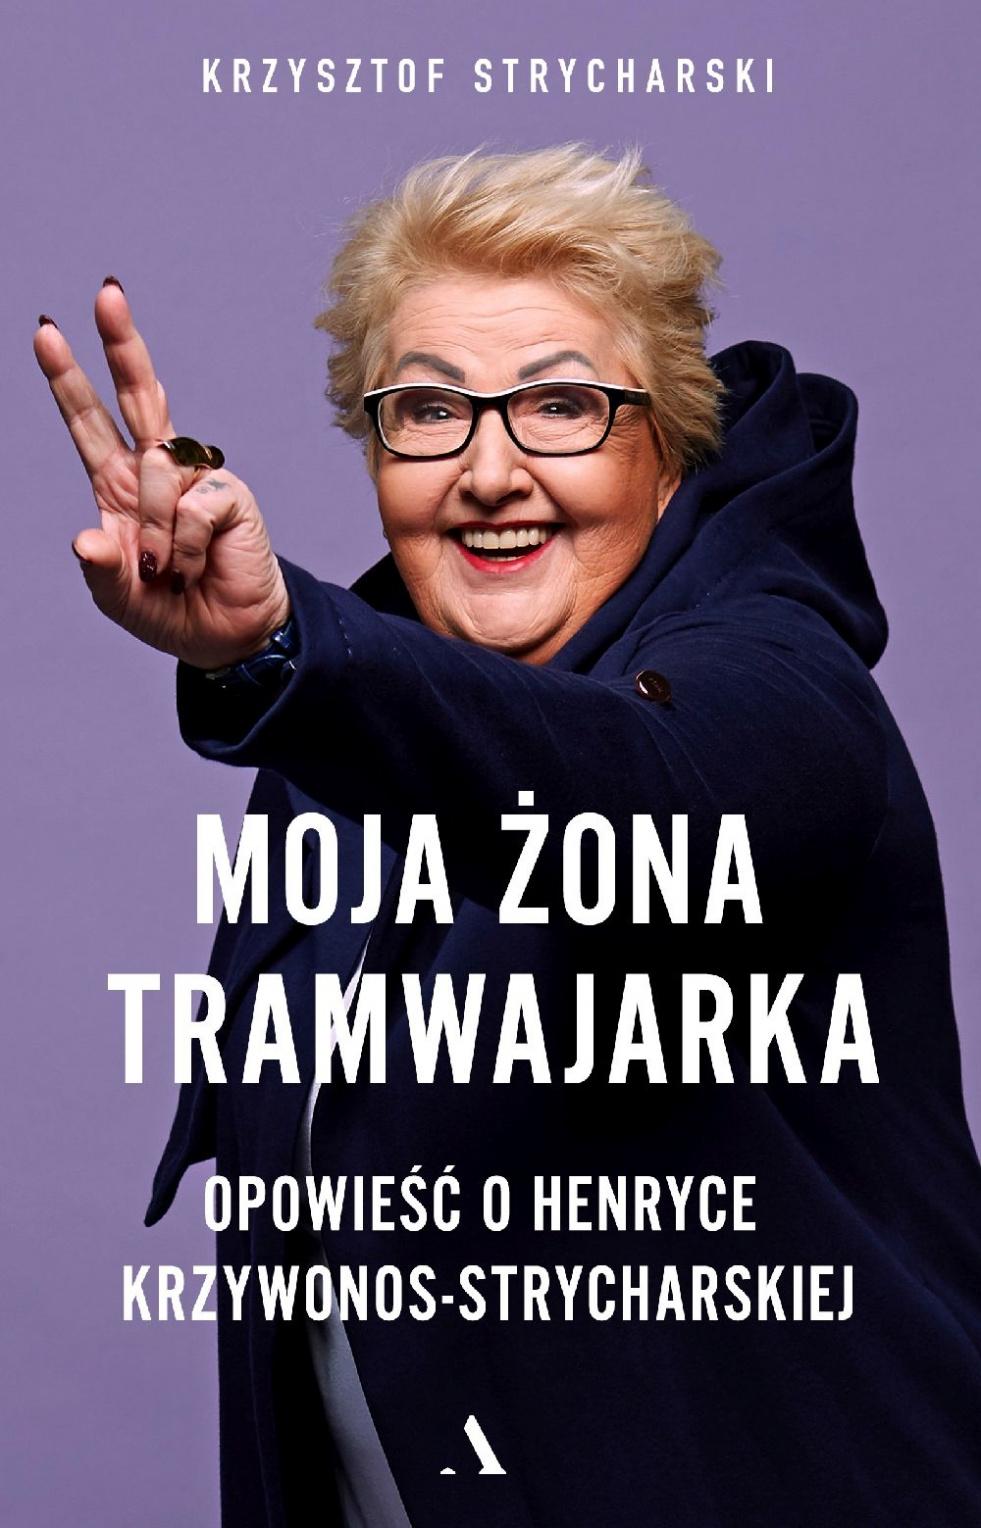 """Premiera książki """"Moja żona tramwajarka"""" Krzysztofa Strycharskiego w Bydgoszczy"""